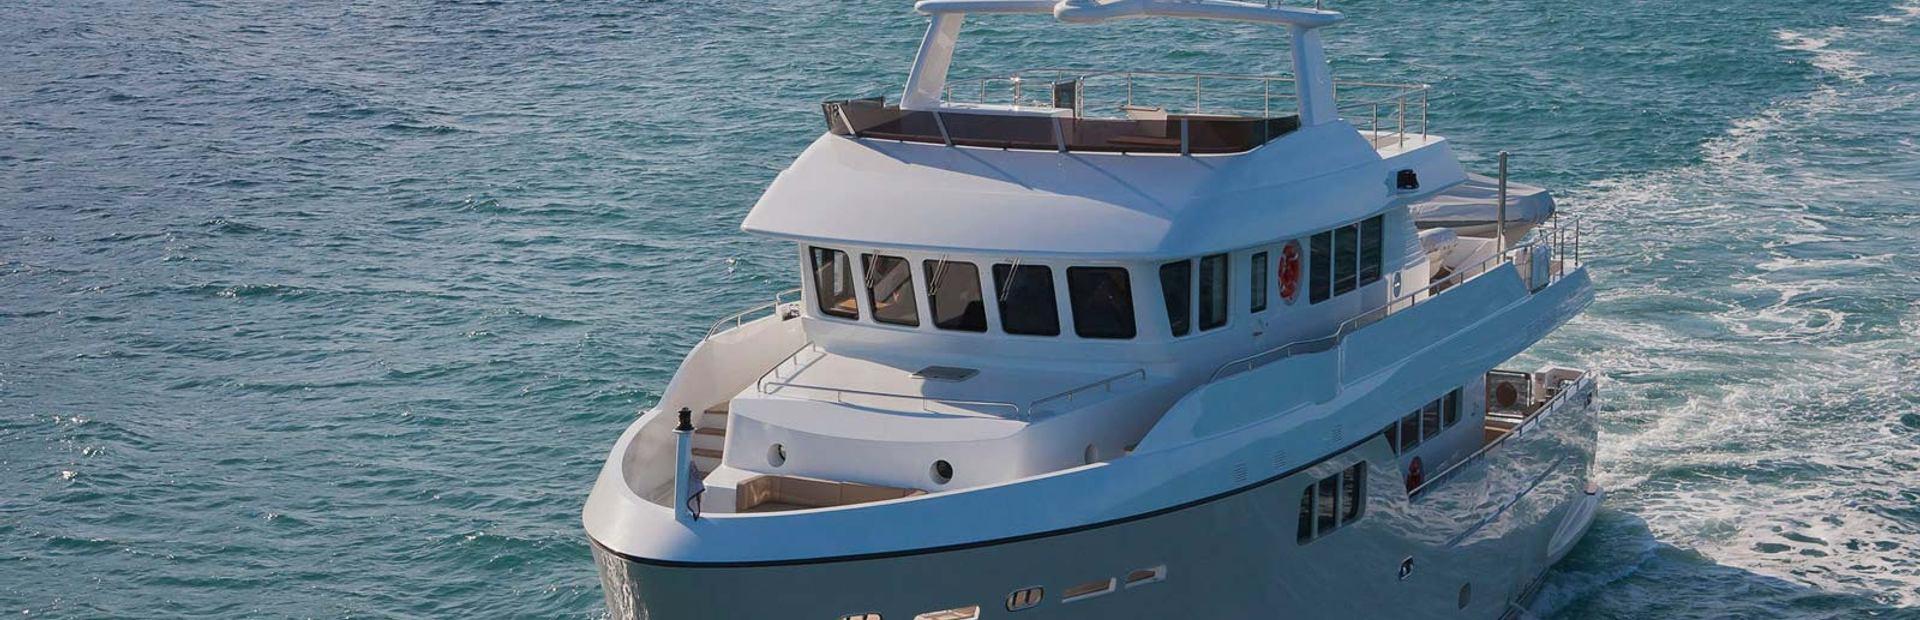 Darwin 86 Yacht Charter